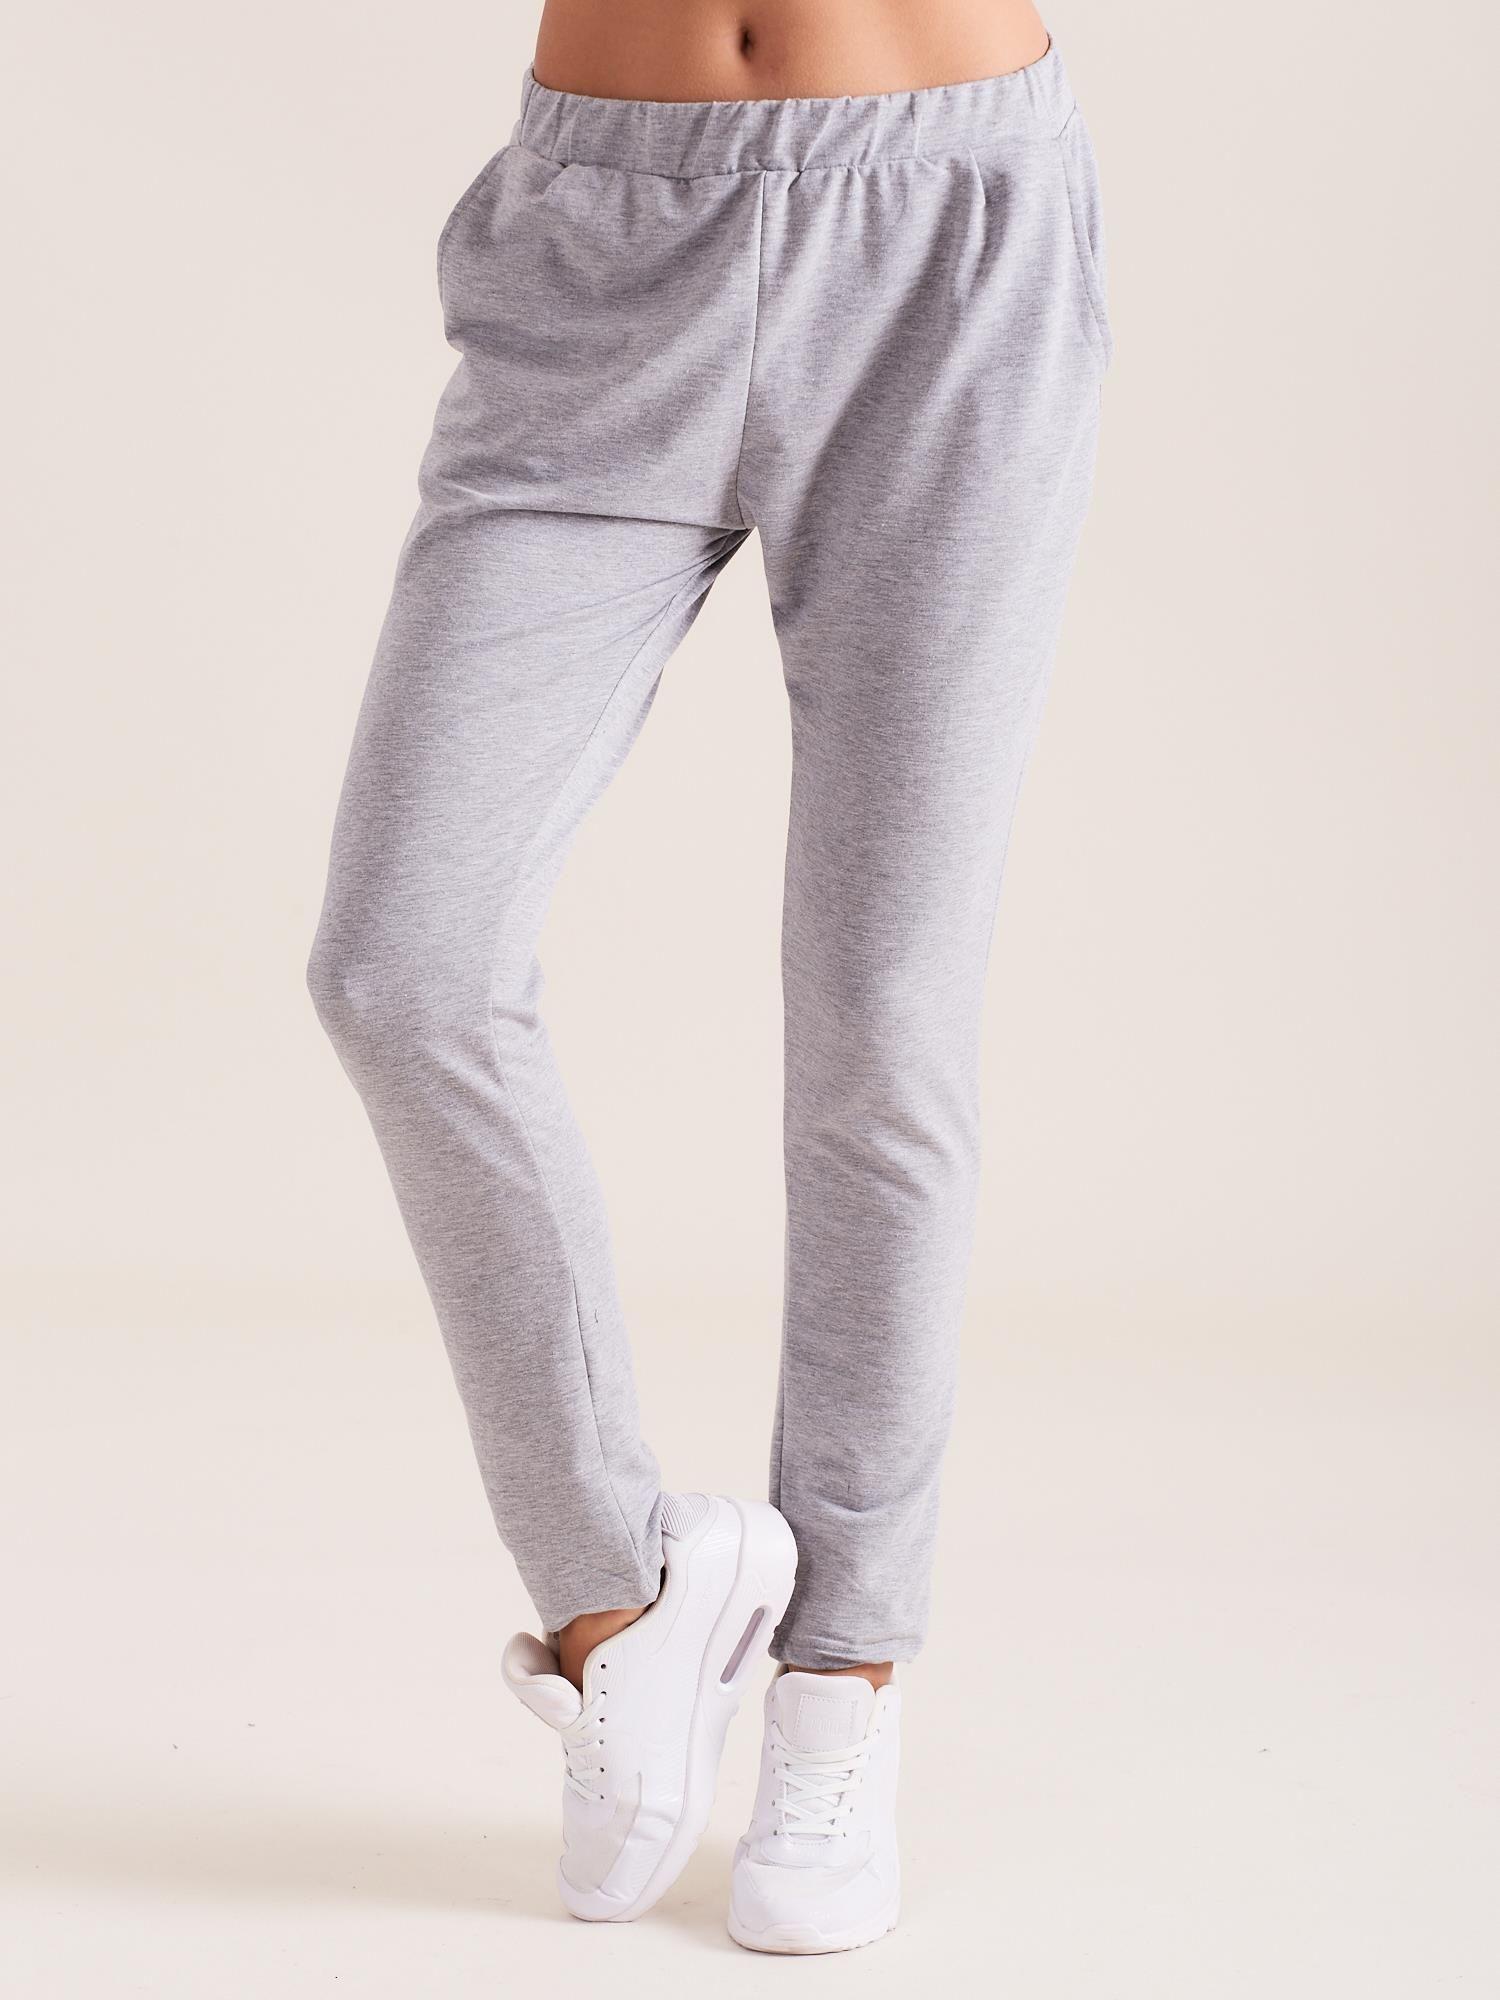 5c5260338a4815 Szare damskie bawełniane spodnie dresowe - Spodnie Dresowe - sklep ...